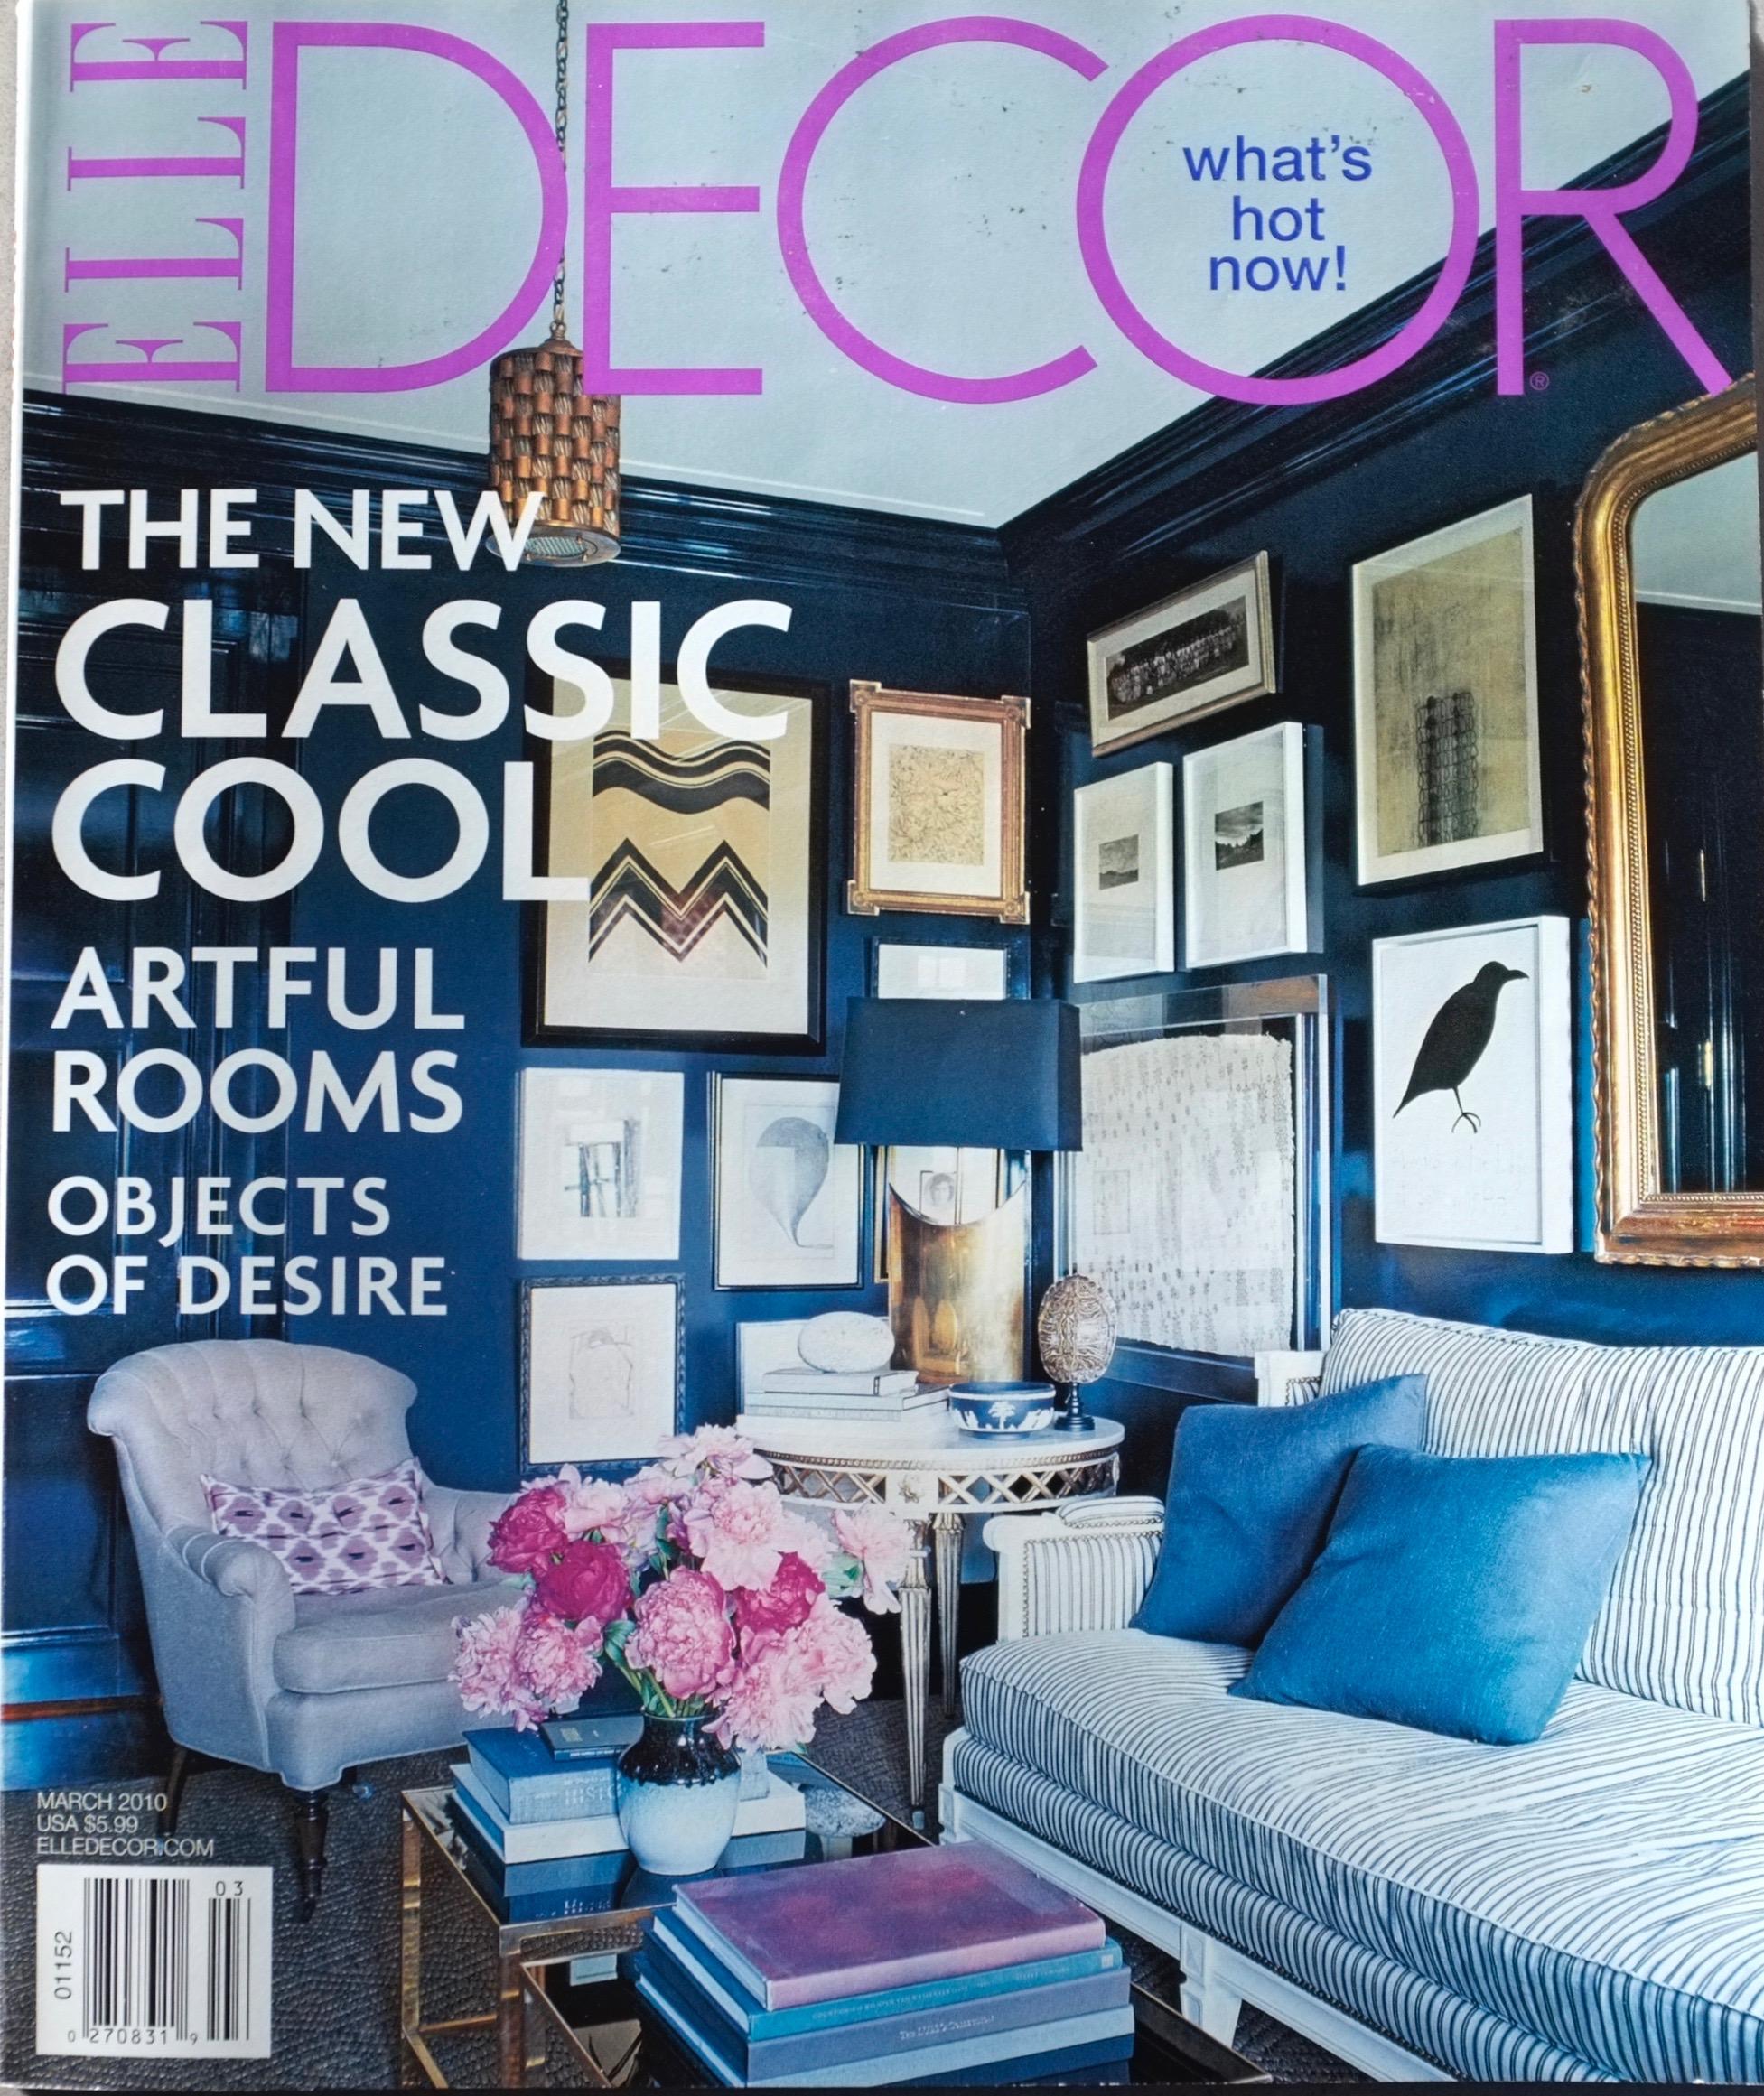 Elle Decor - March 2010